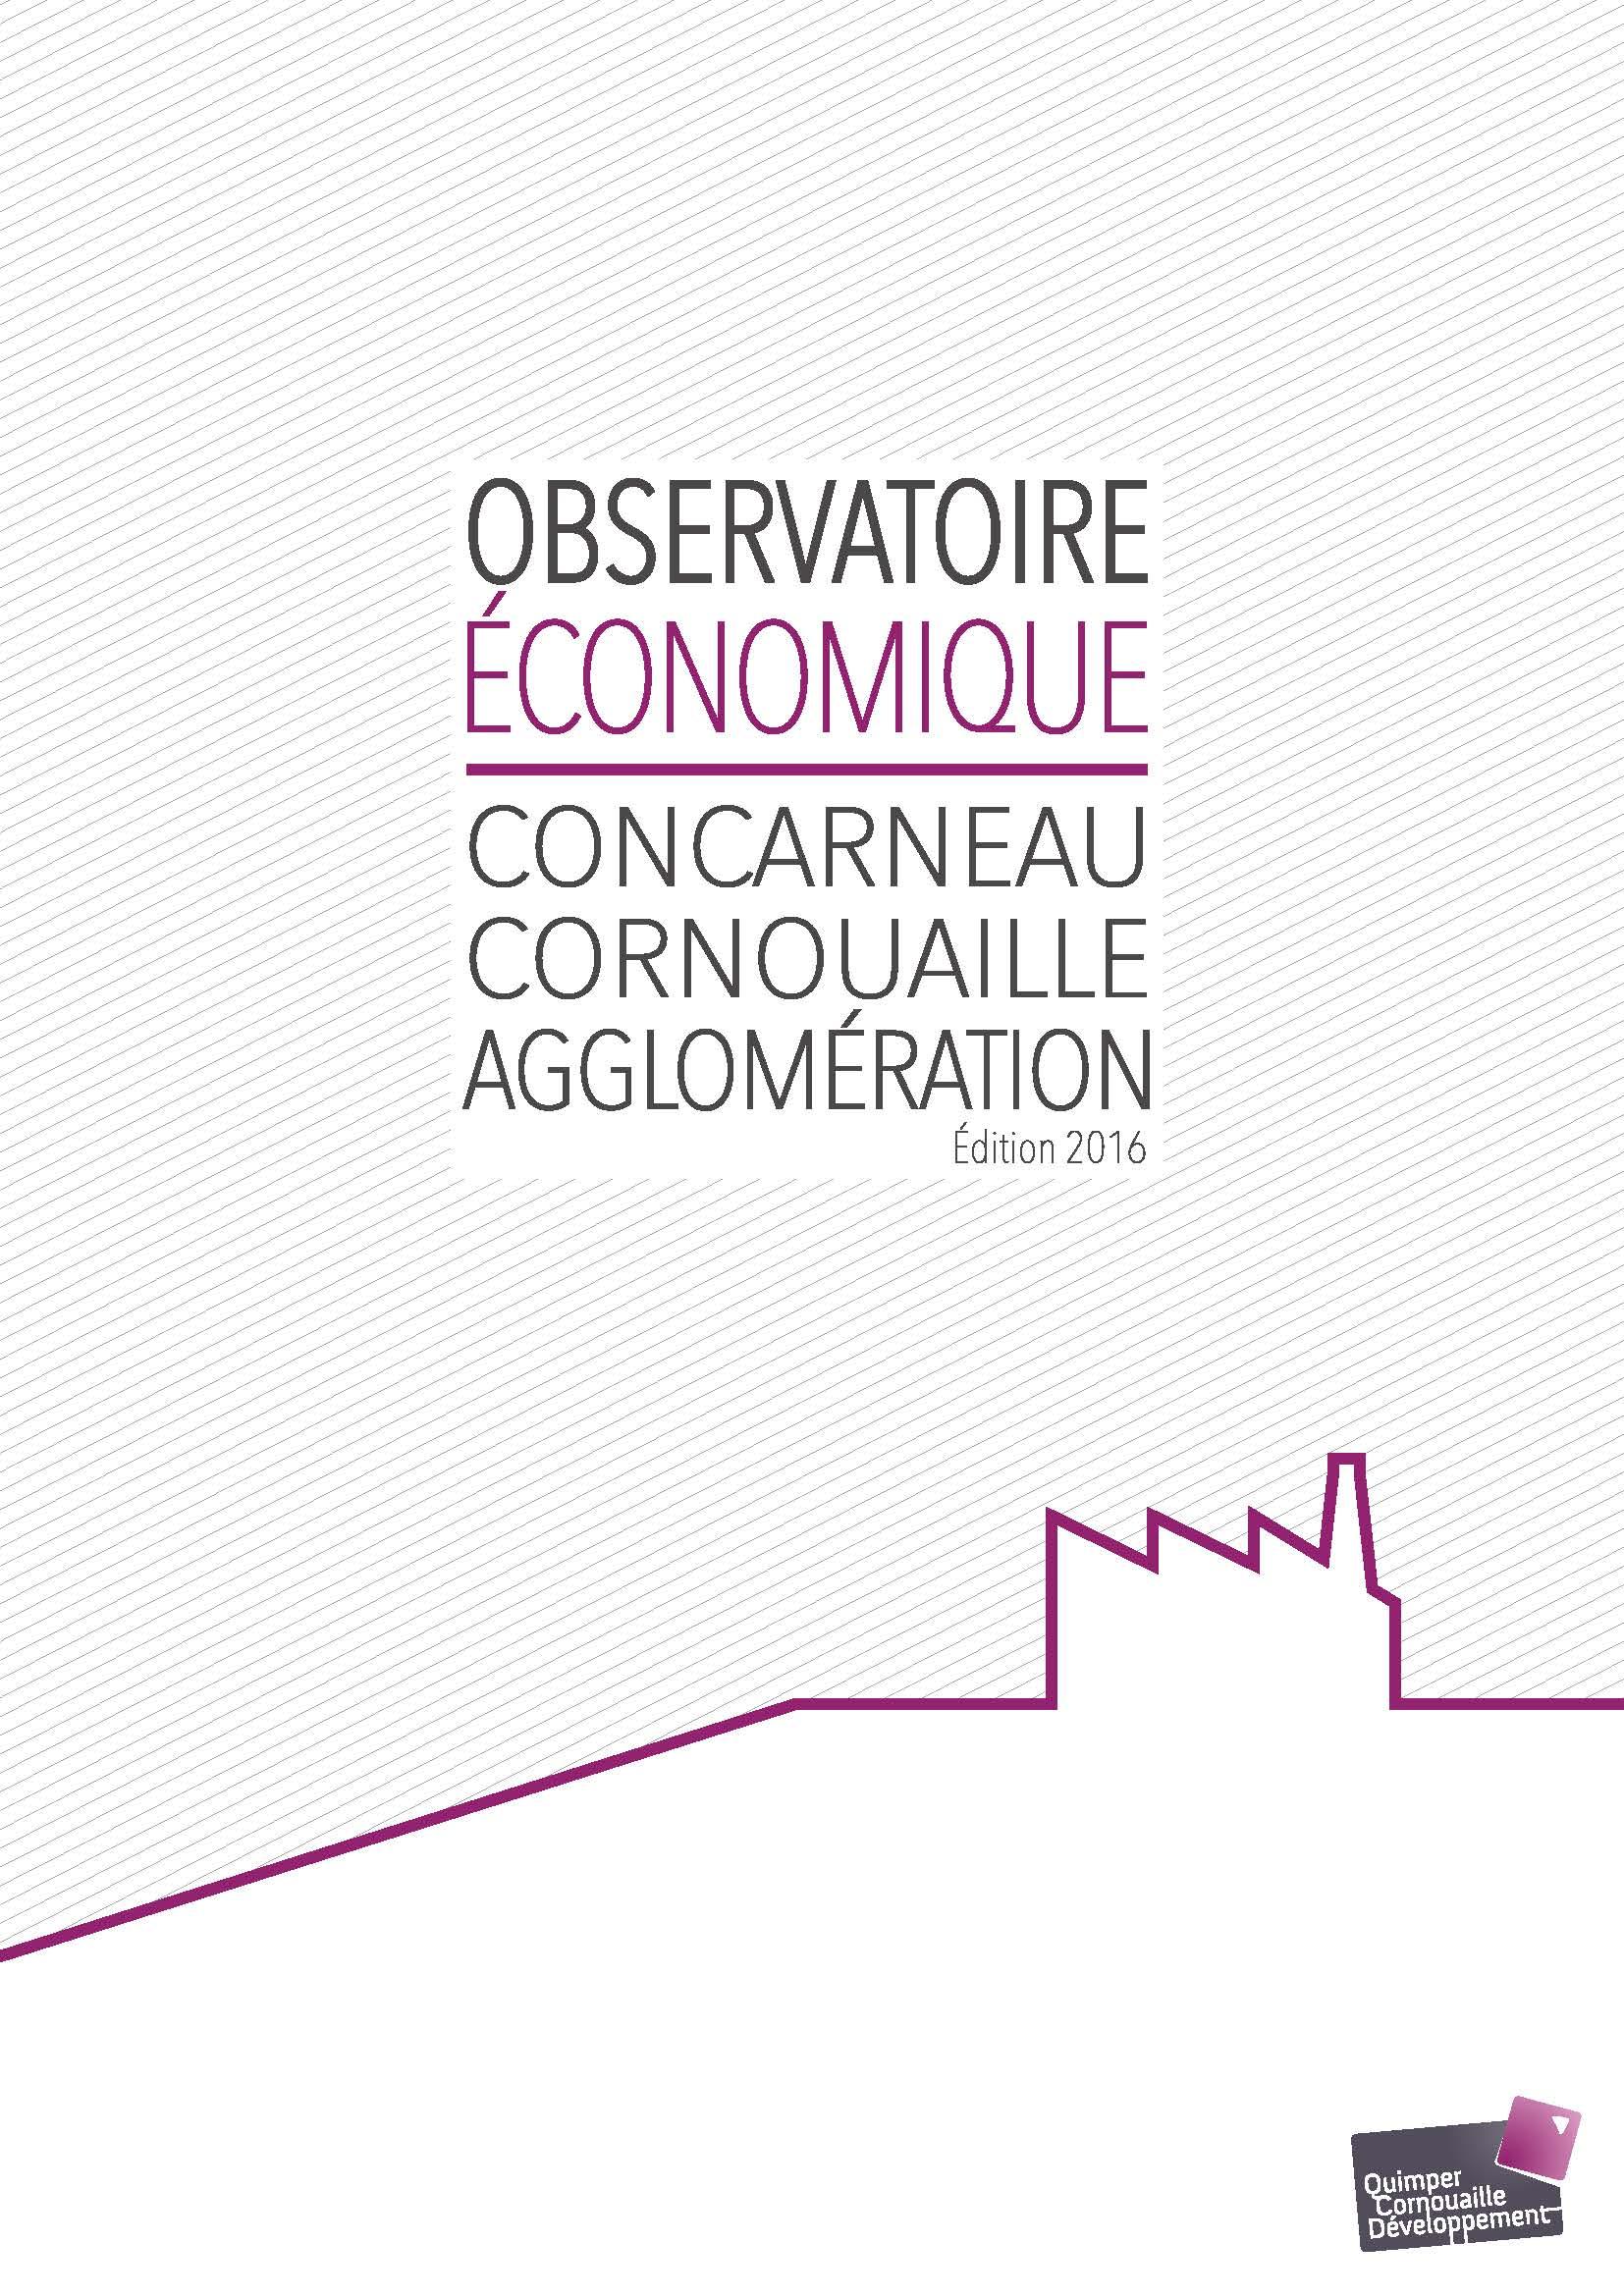 Observatoire Economique de Concarneau Cornouaille Agglomération. Edition 2016 (02/2017)